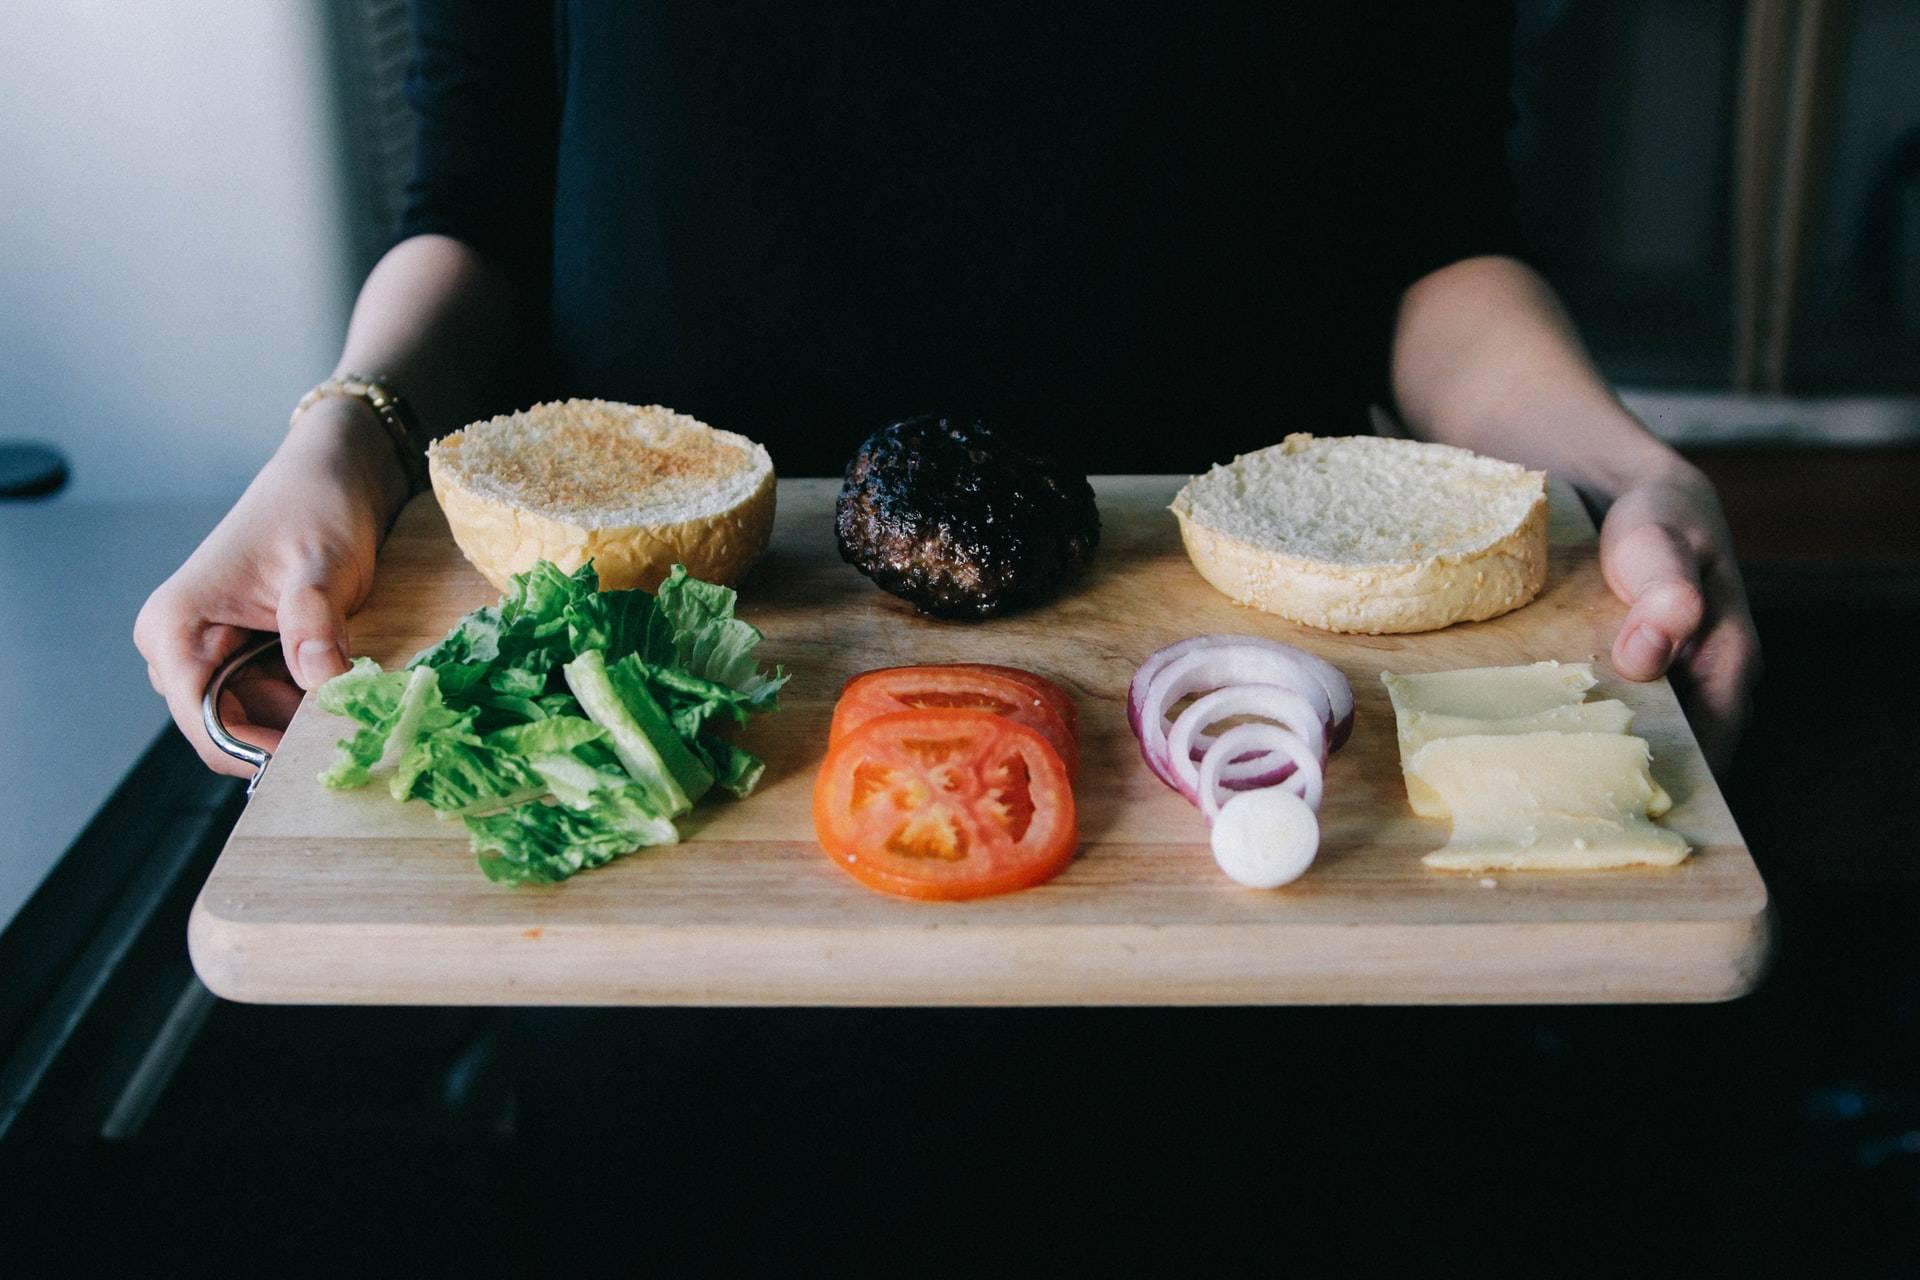 减肥必须控制食量吗,偶尔大吃一顿会不会影响瘦身效果?